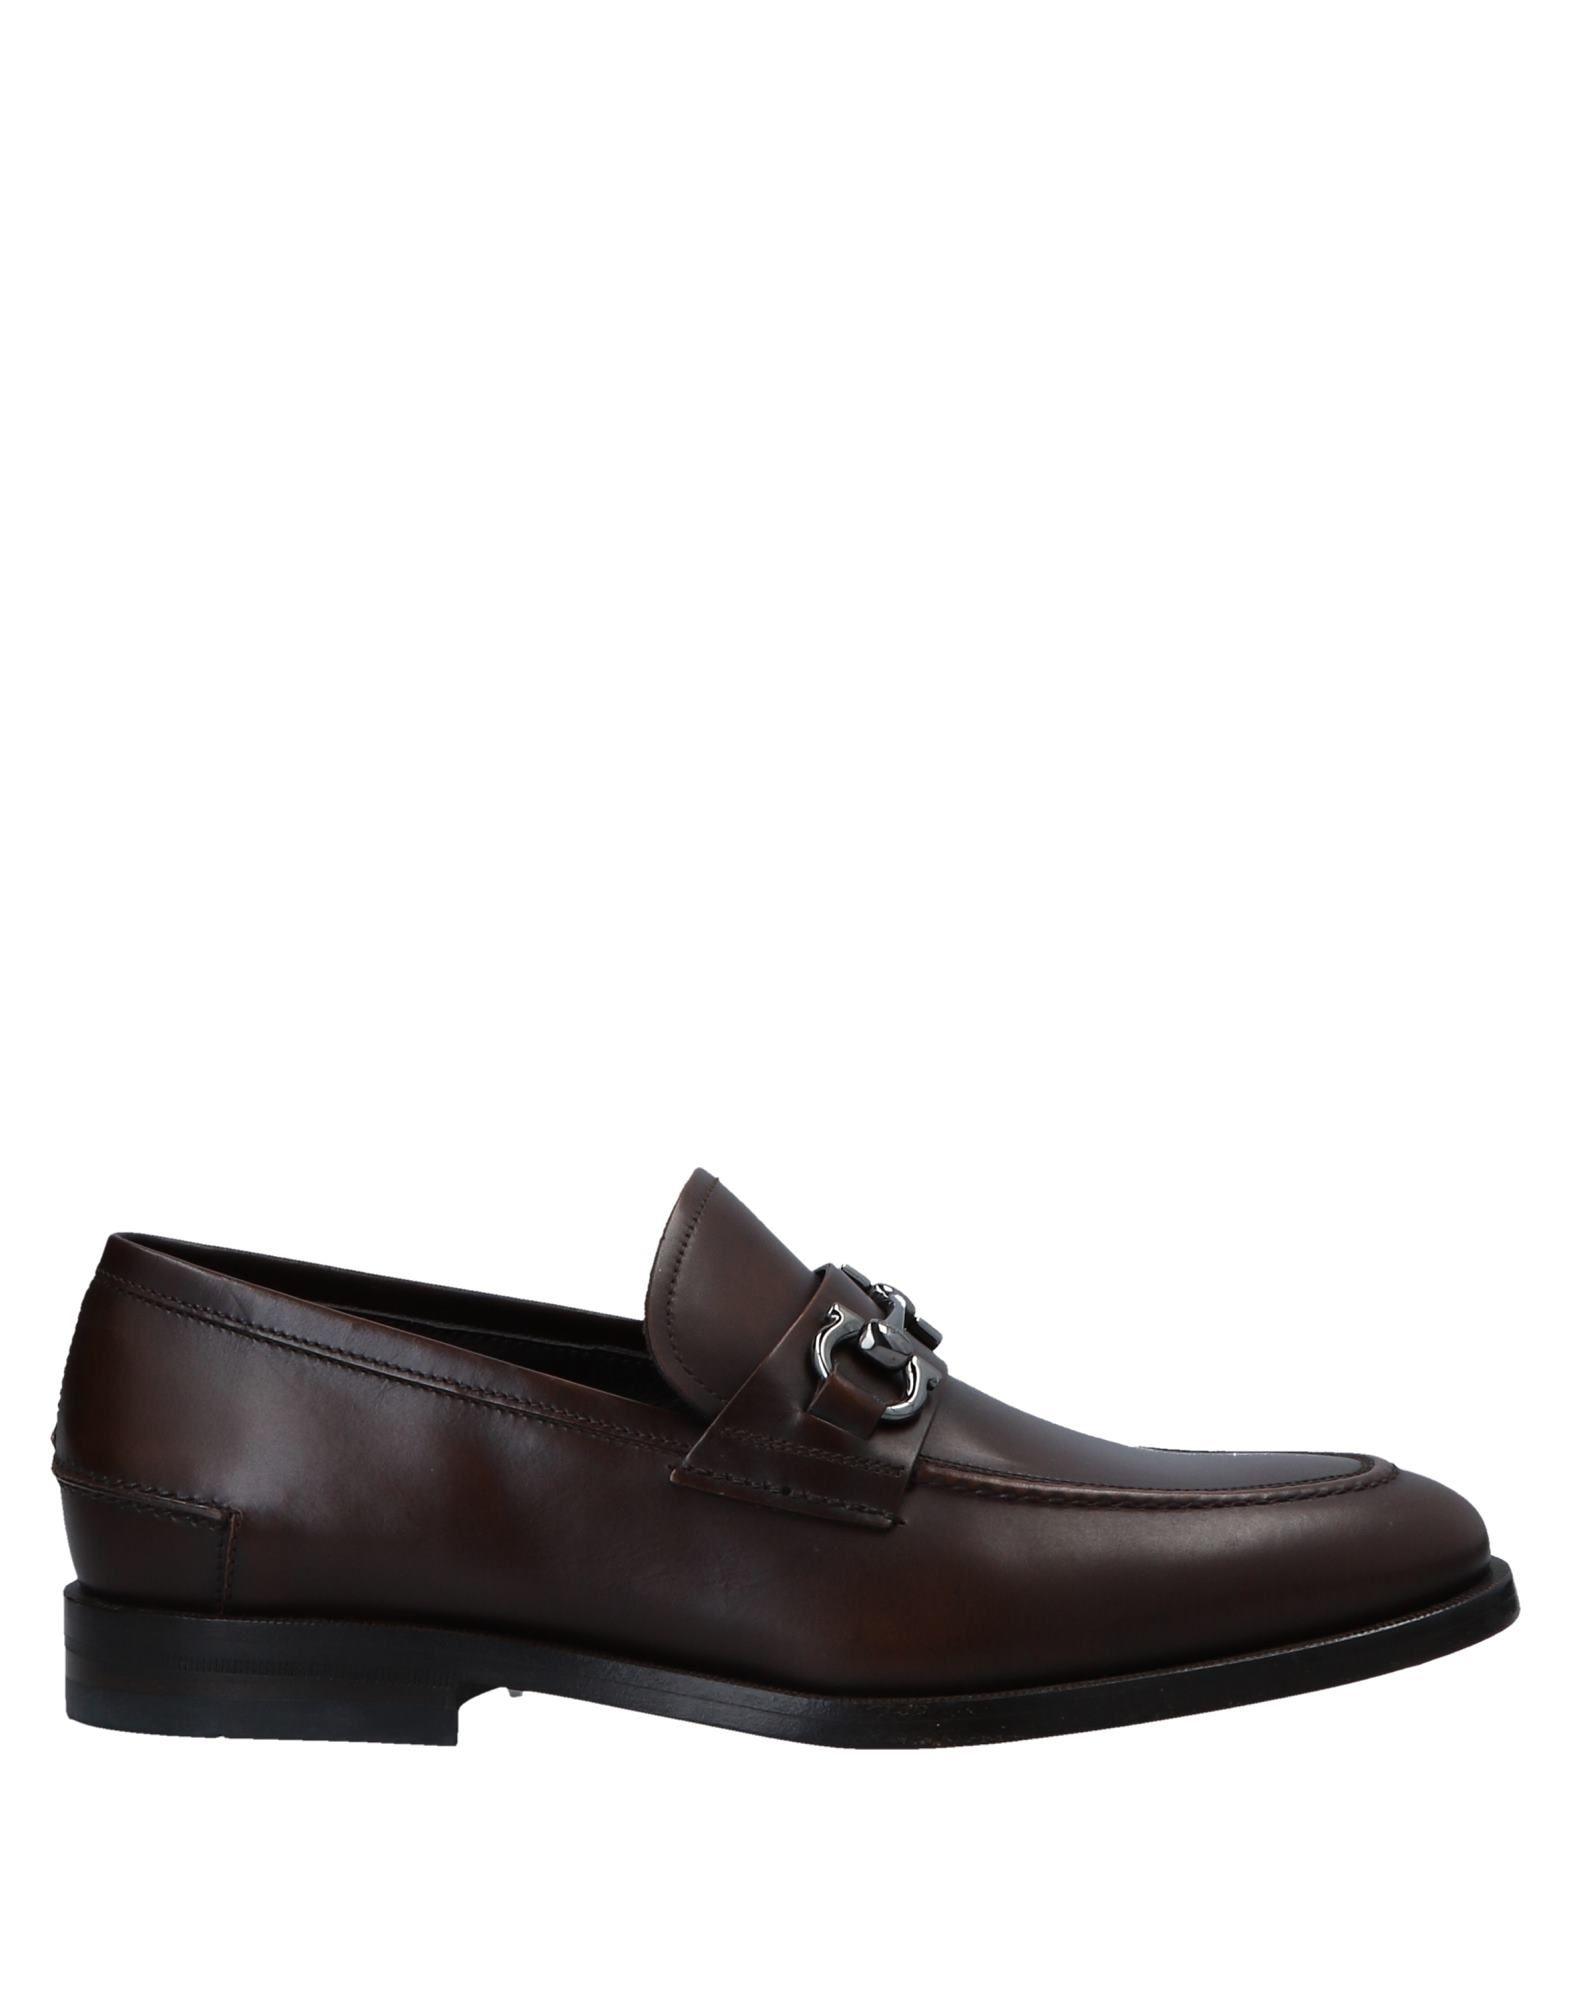 Salvatore Ferragamo Mokassins Herren  11554374WF Gute Qualität beliebte Schuhe